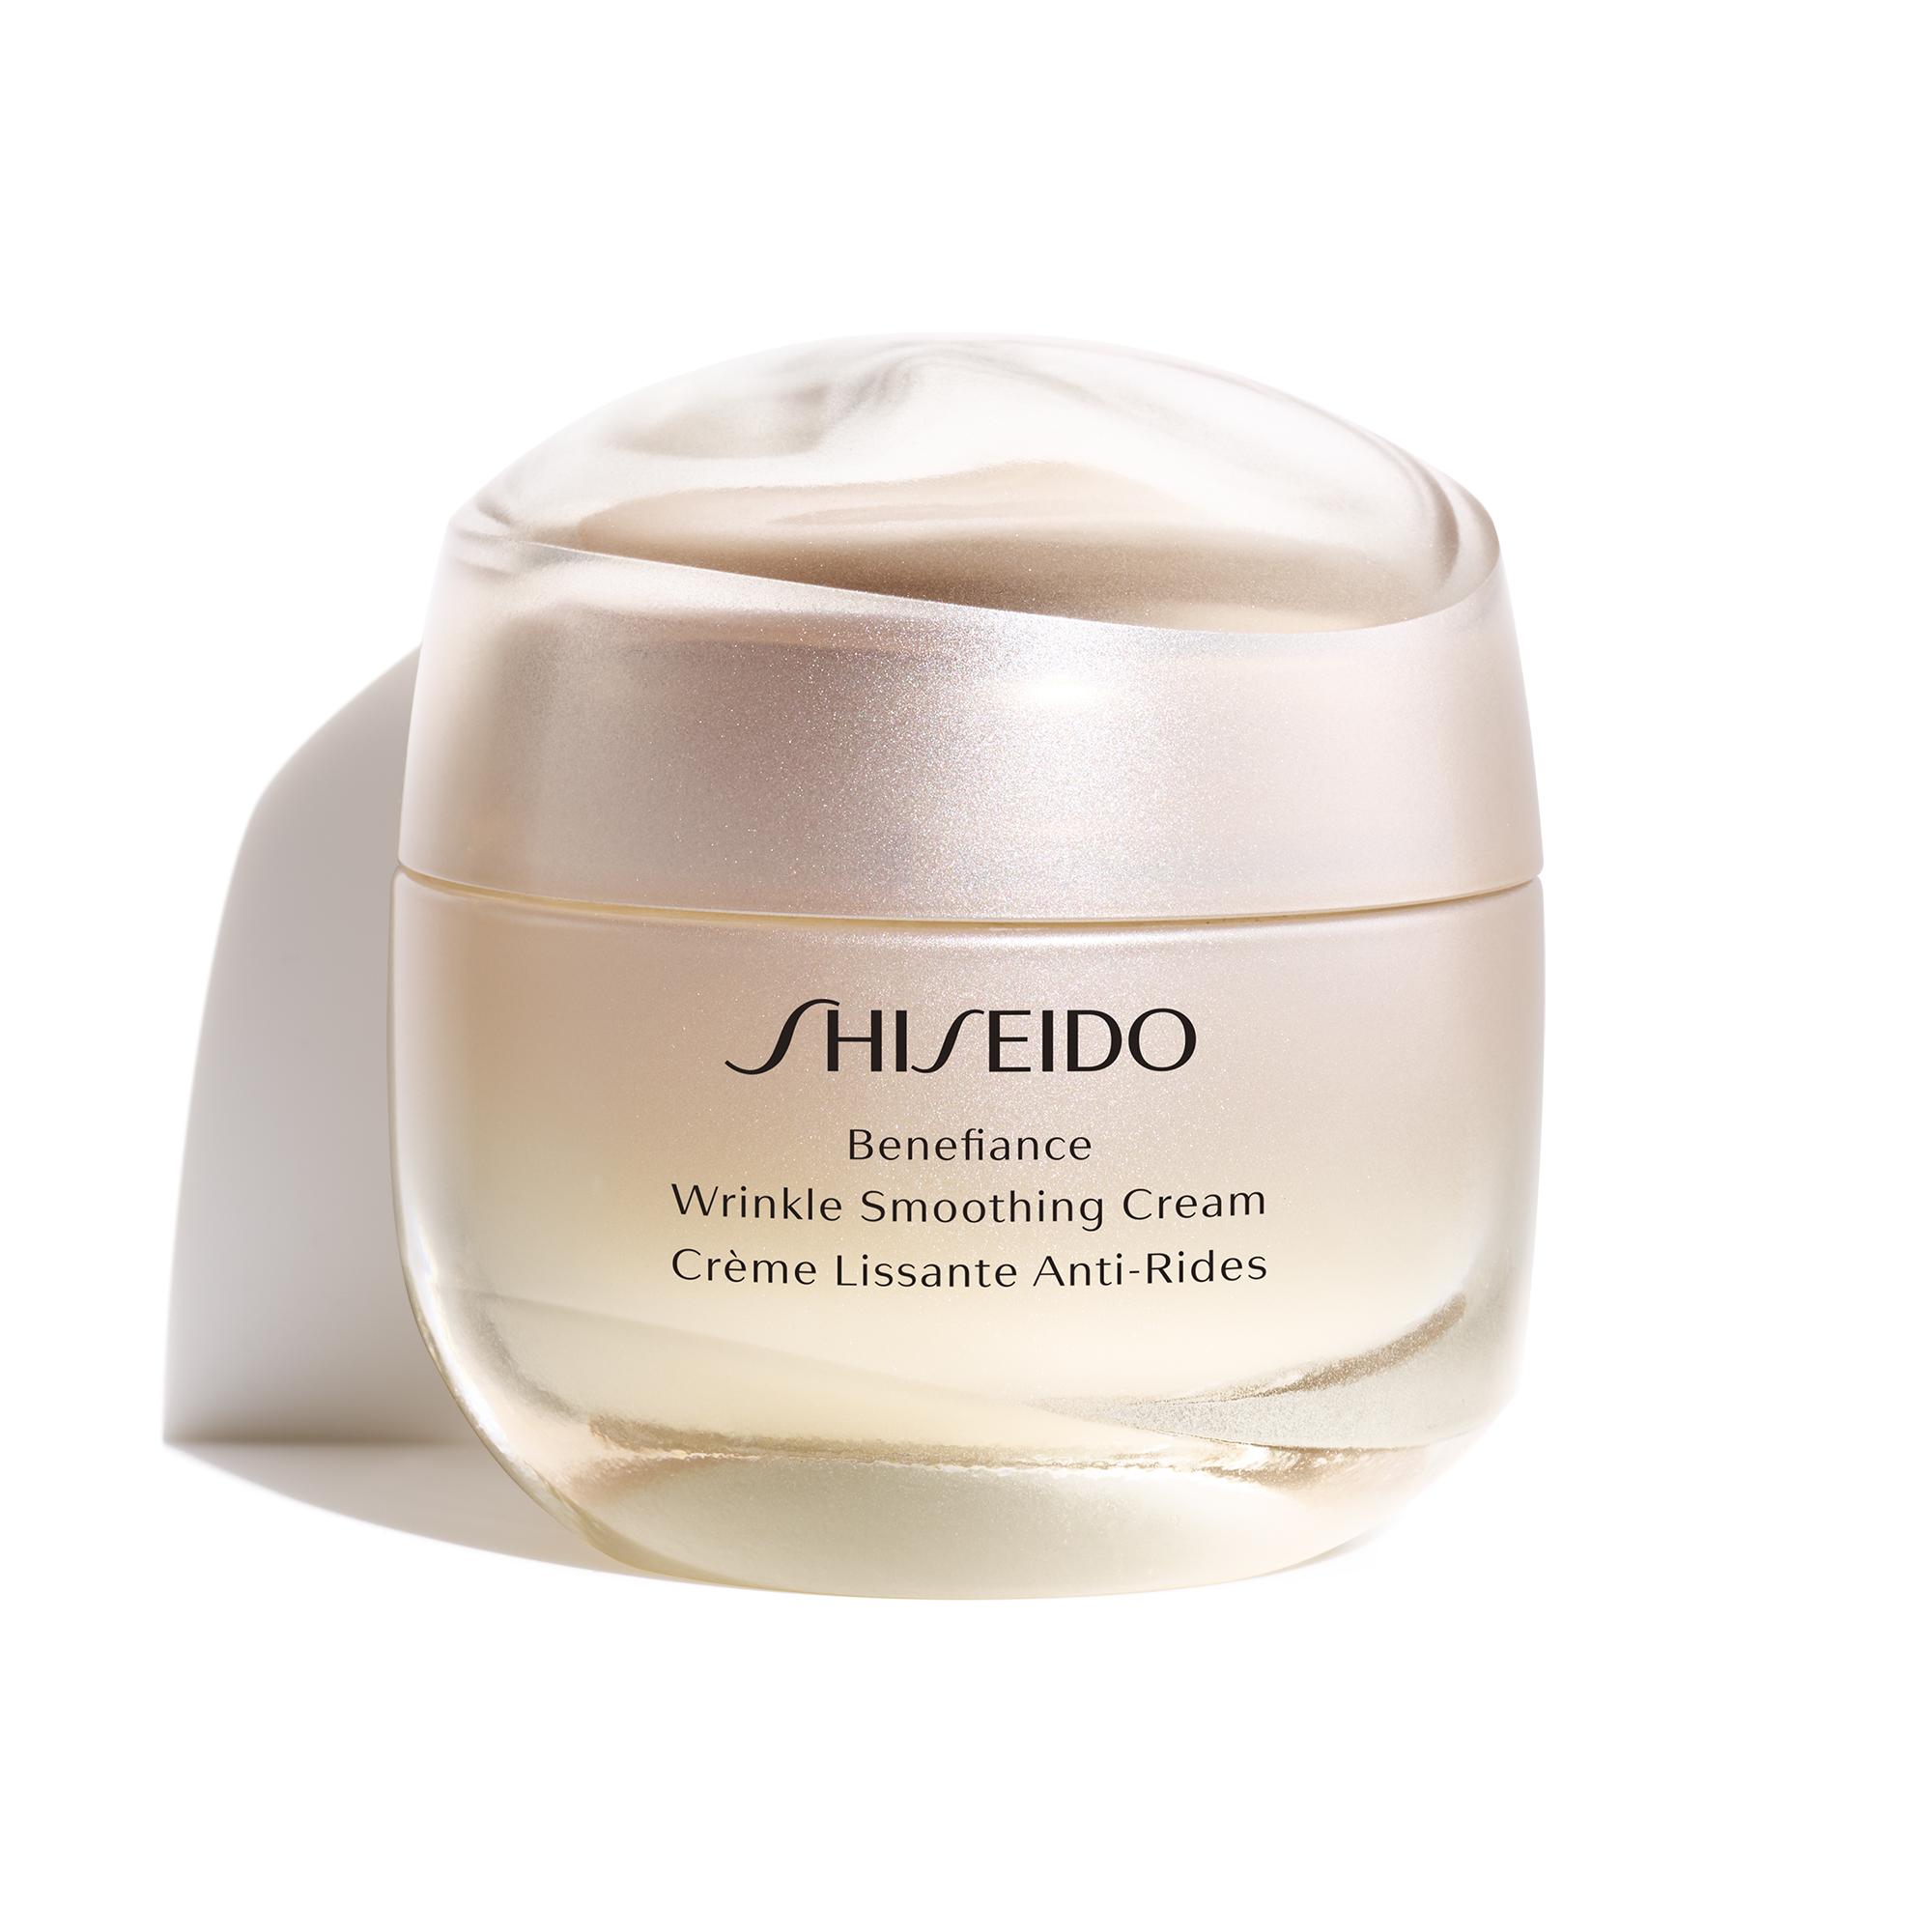 Shiseido Benefiance Wrinkle Smoothing Cream, 50 ml